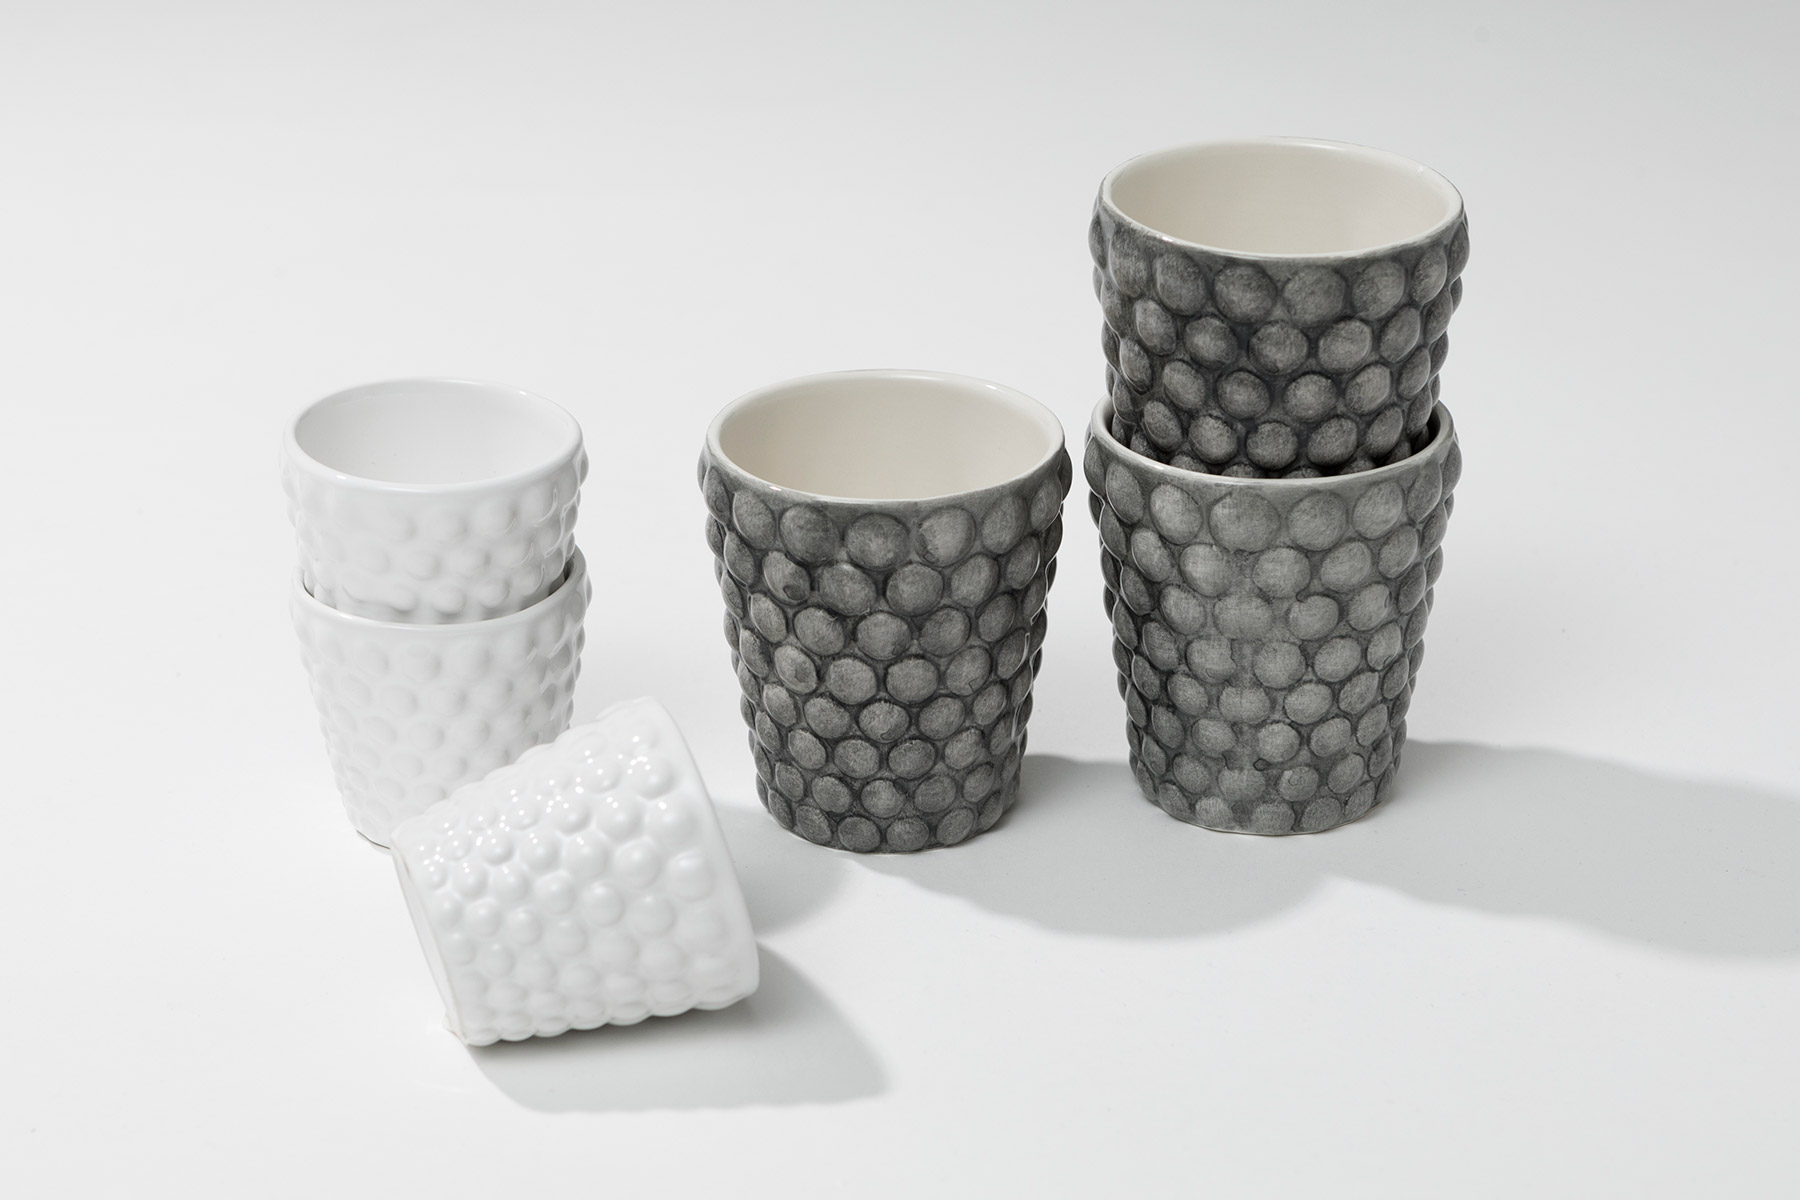 Keramikk kopper - Mateus